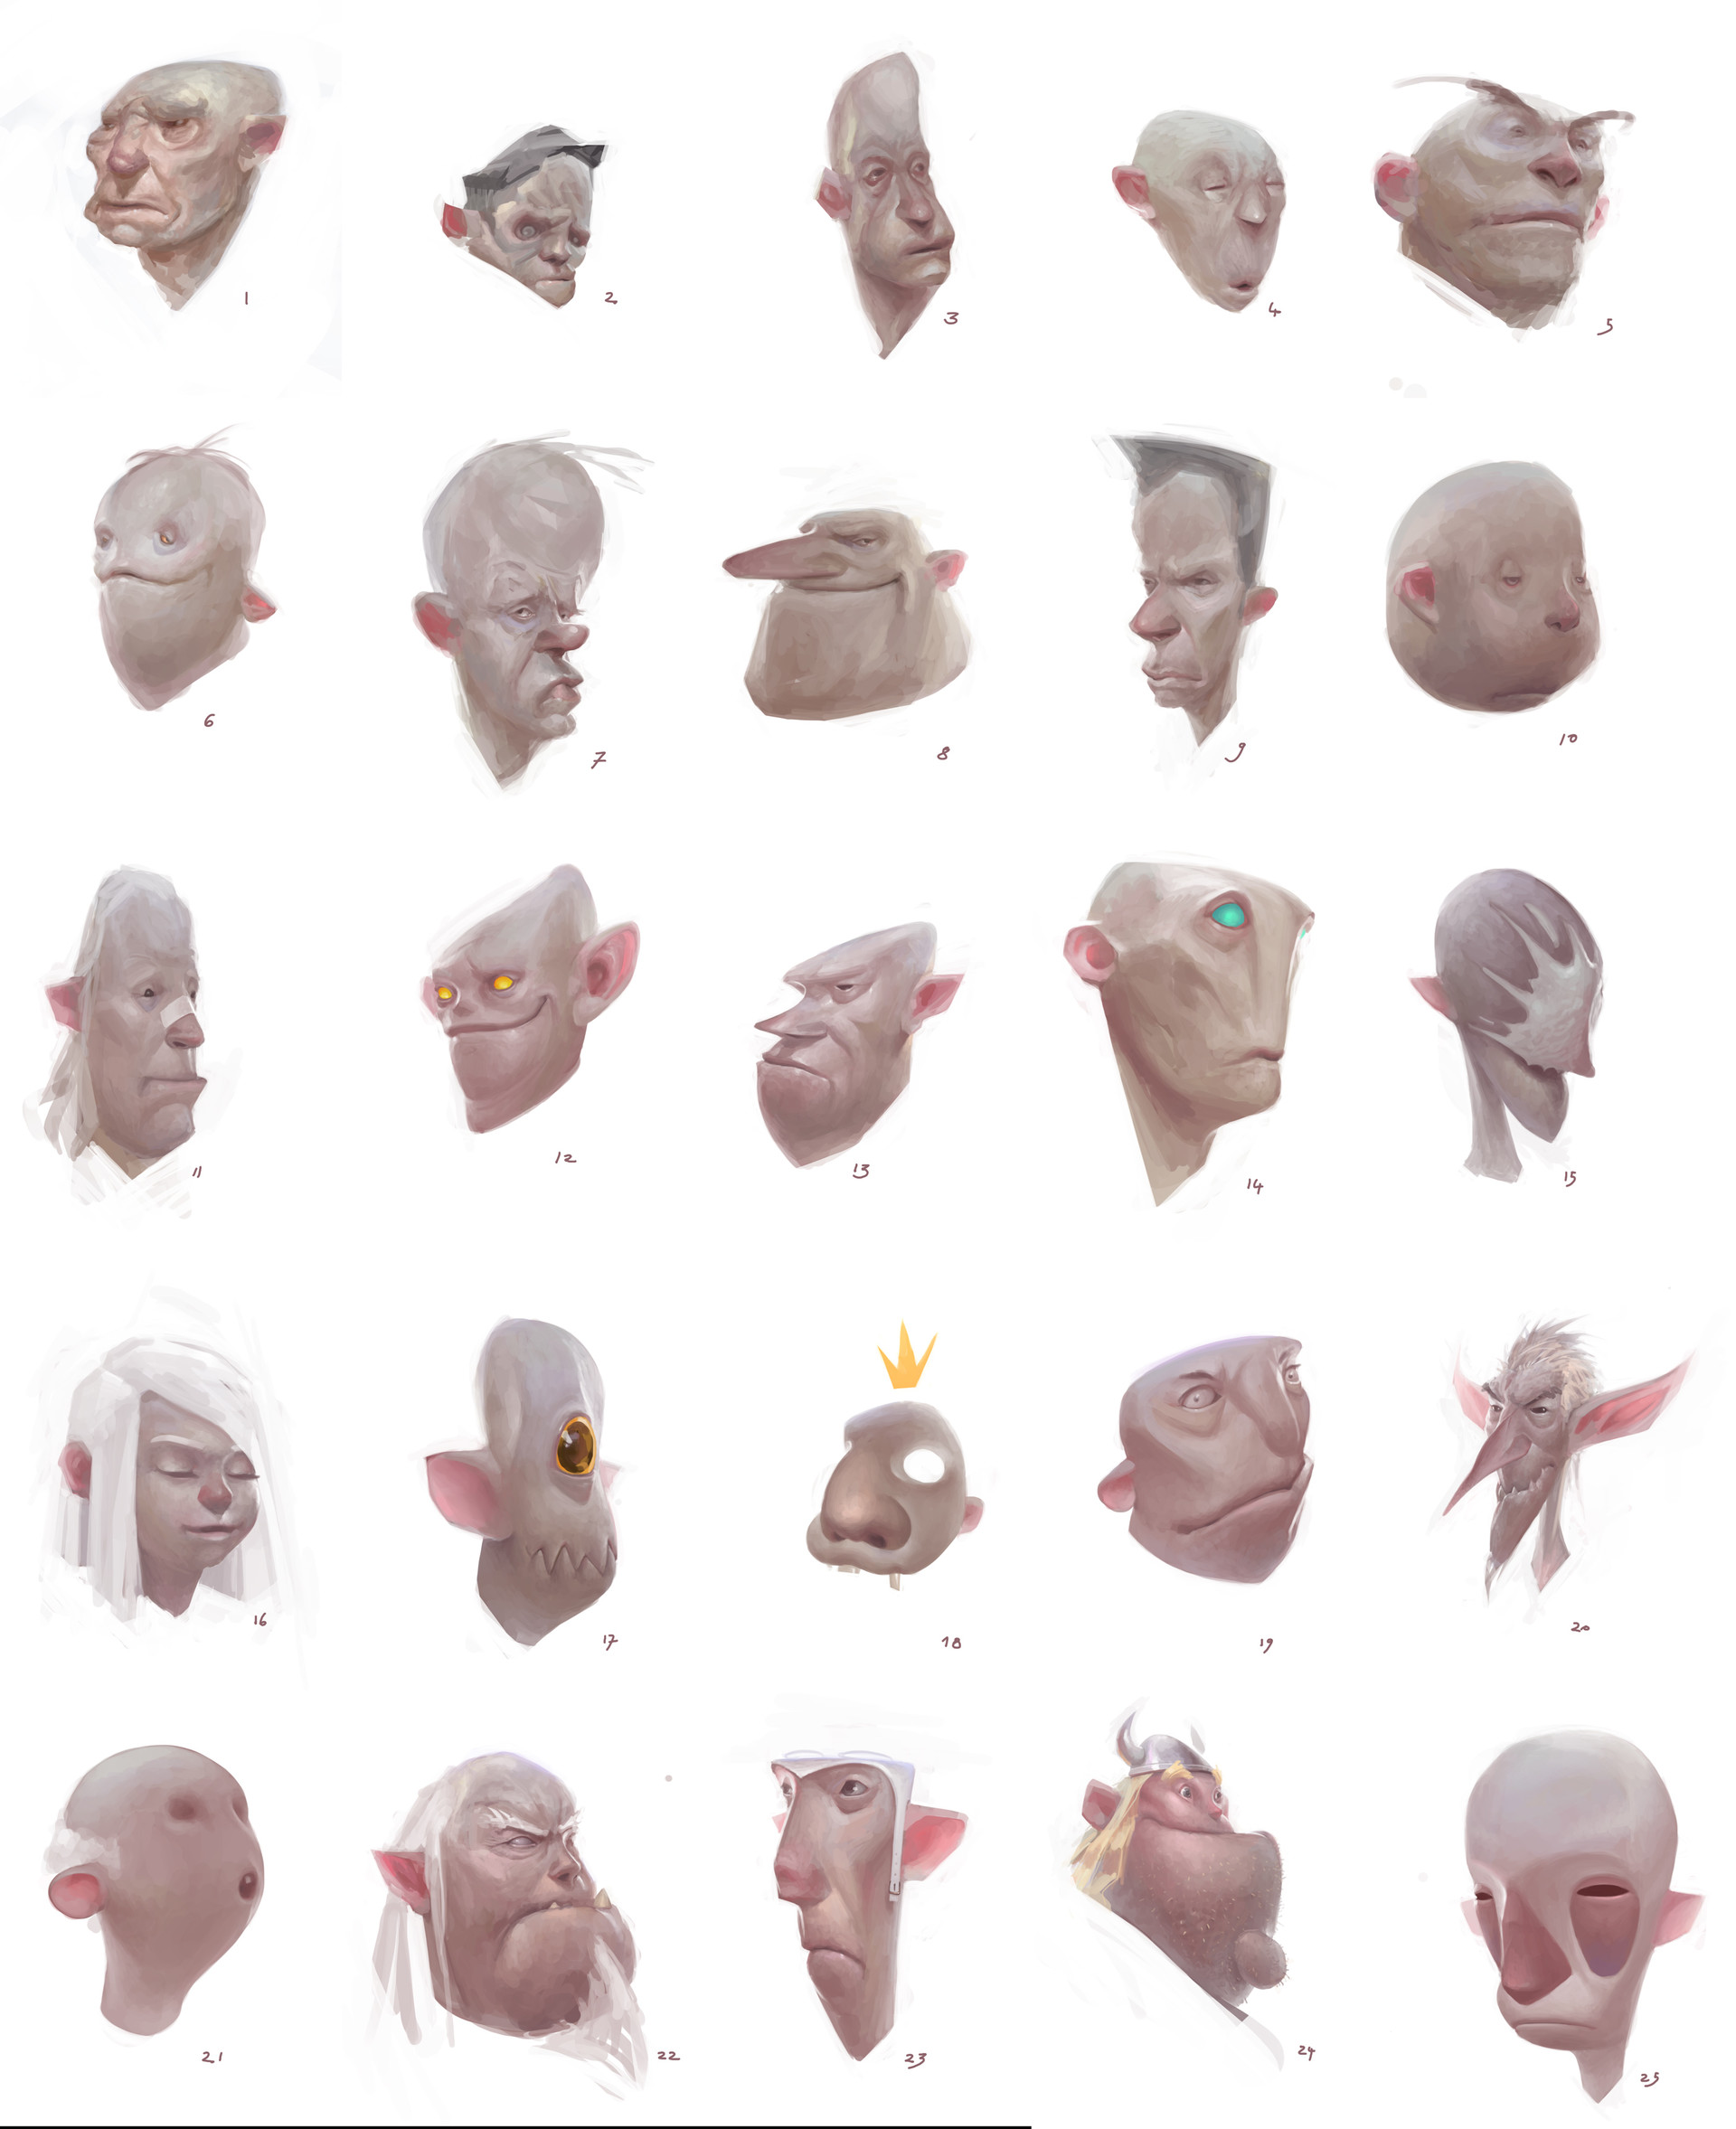 Reiko gross faces compilation by der reiko d9qqbk8